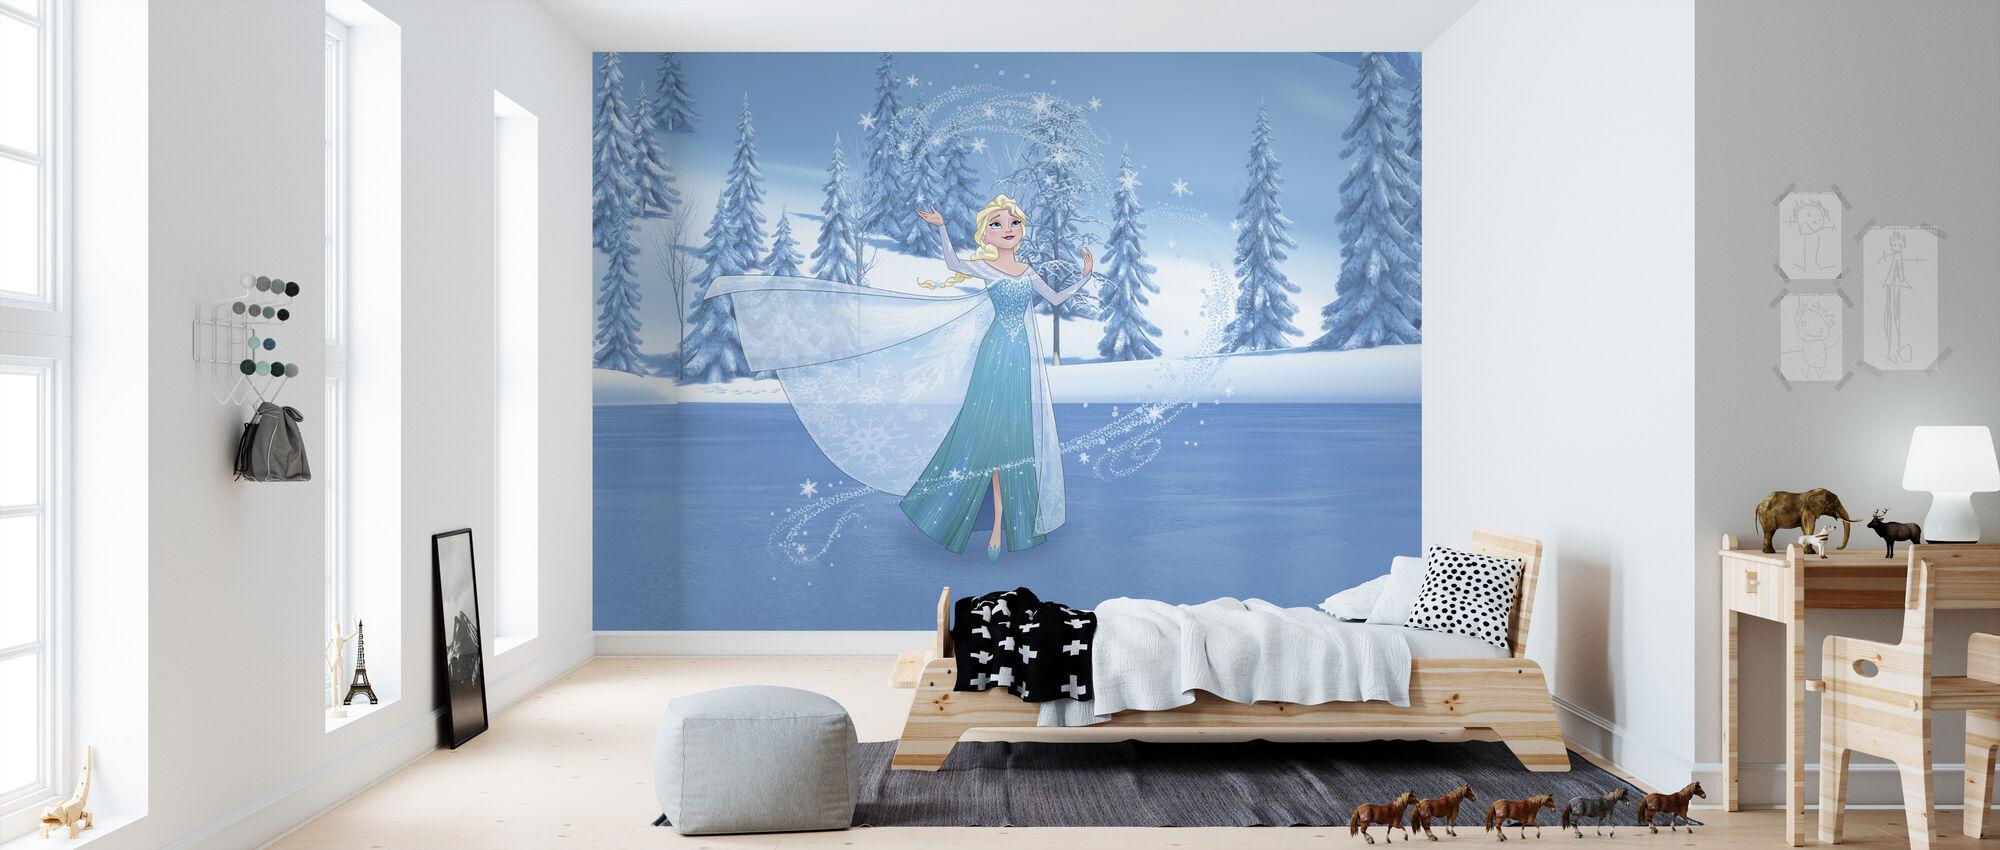 Jäätynyt - Elsa ja Magic Heart - Tapetti - Lastenhuone